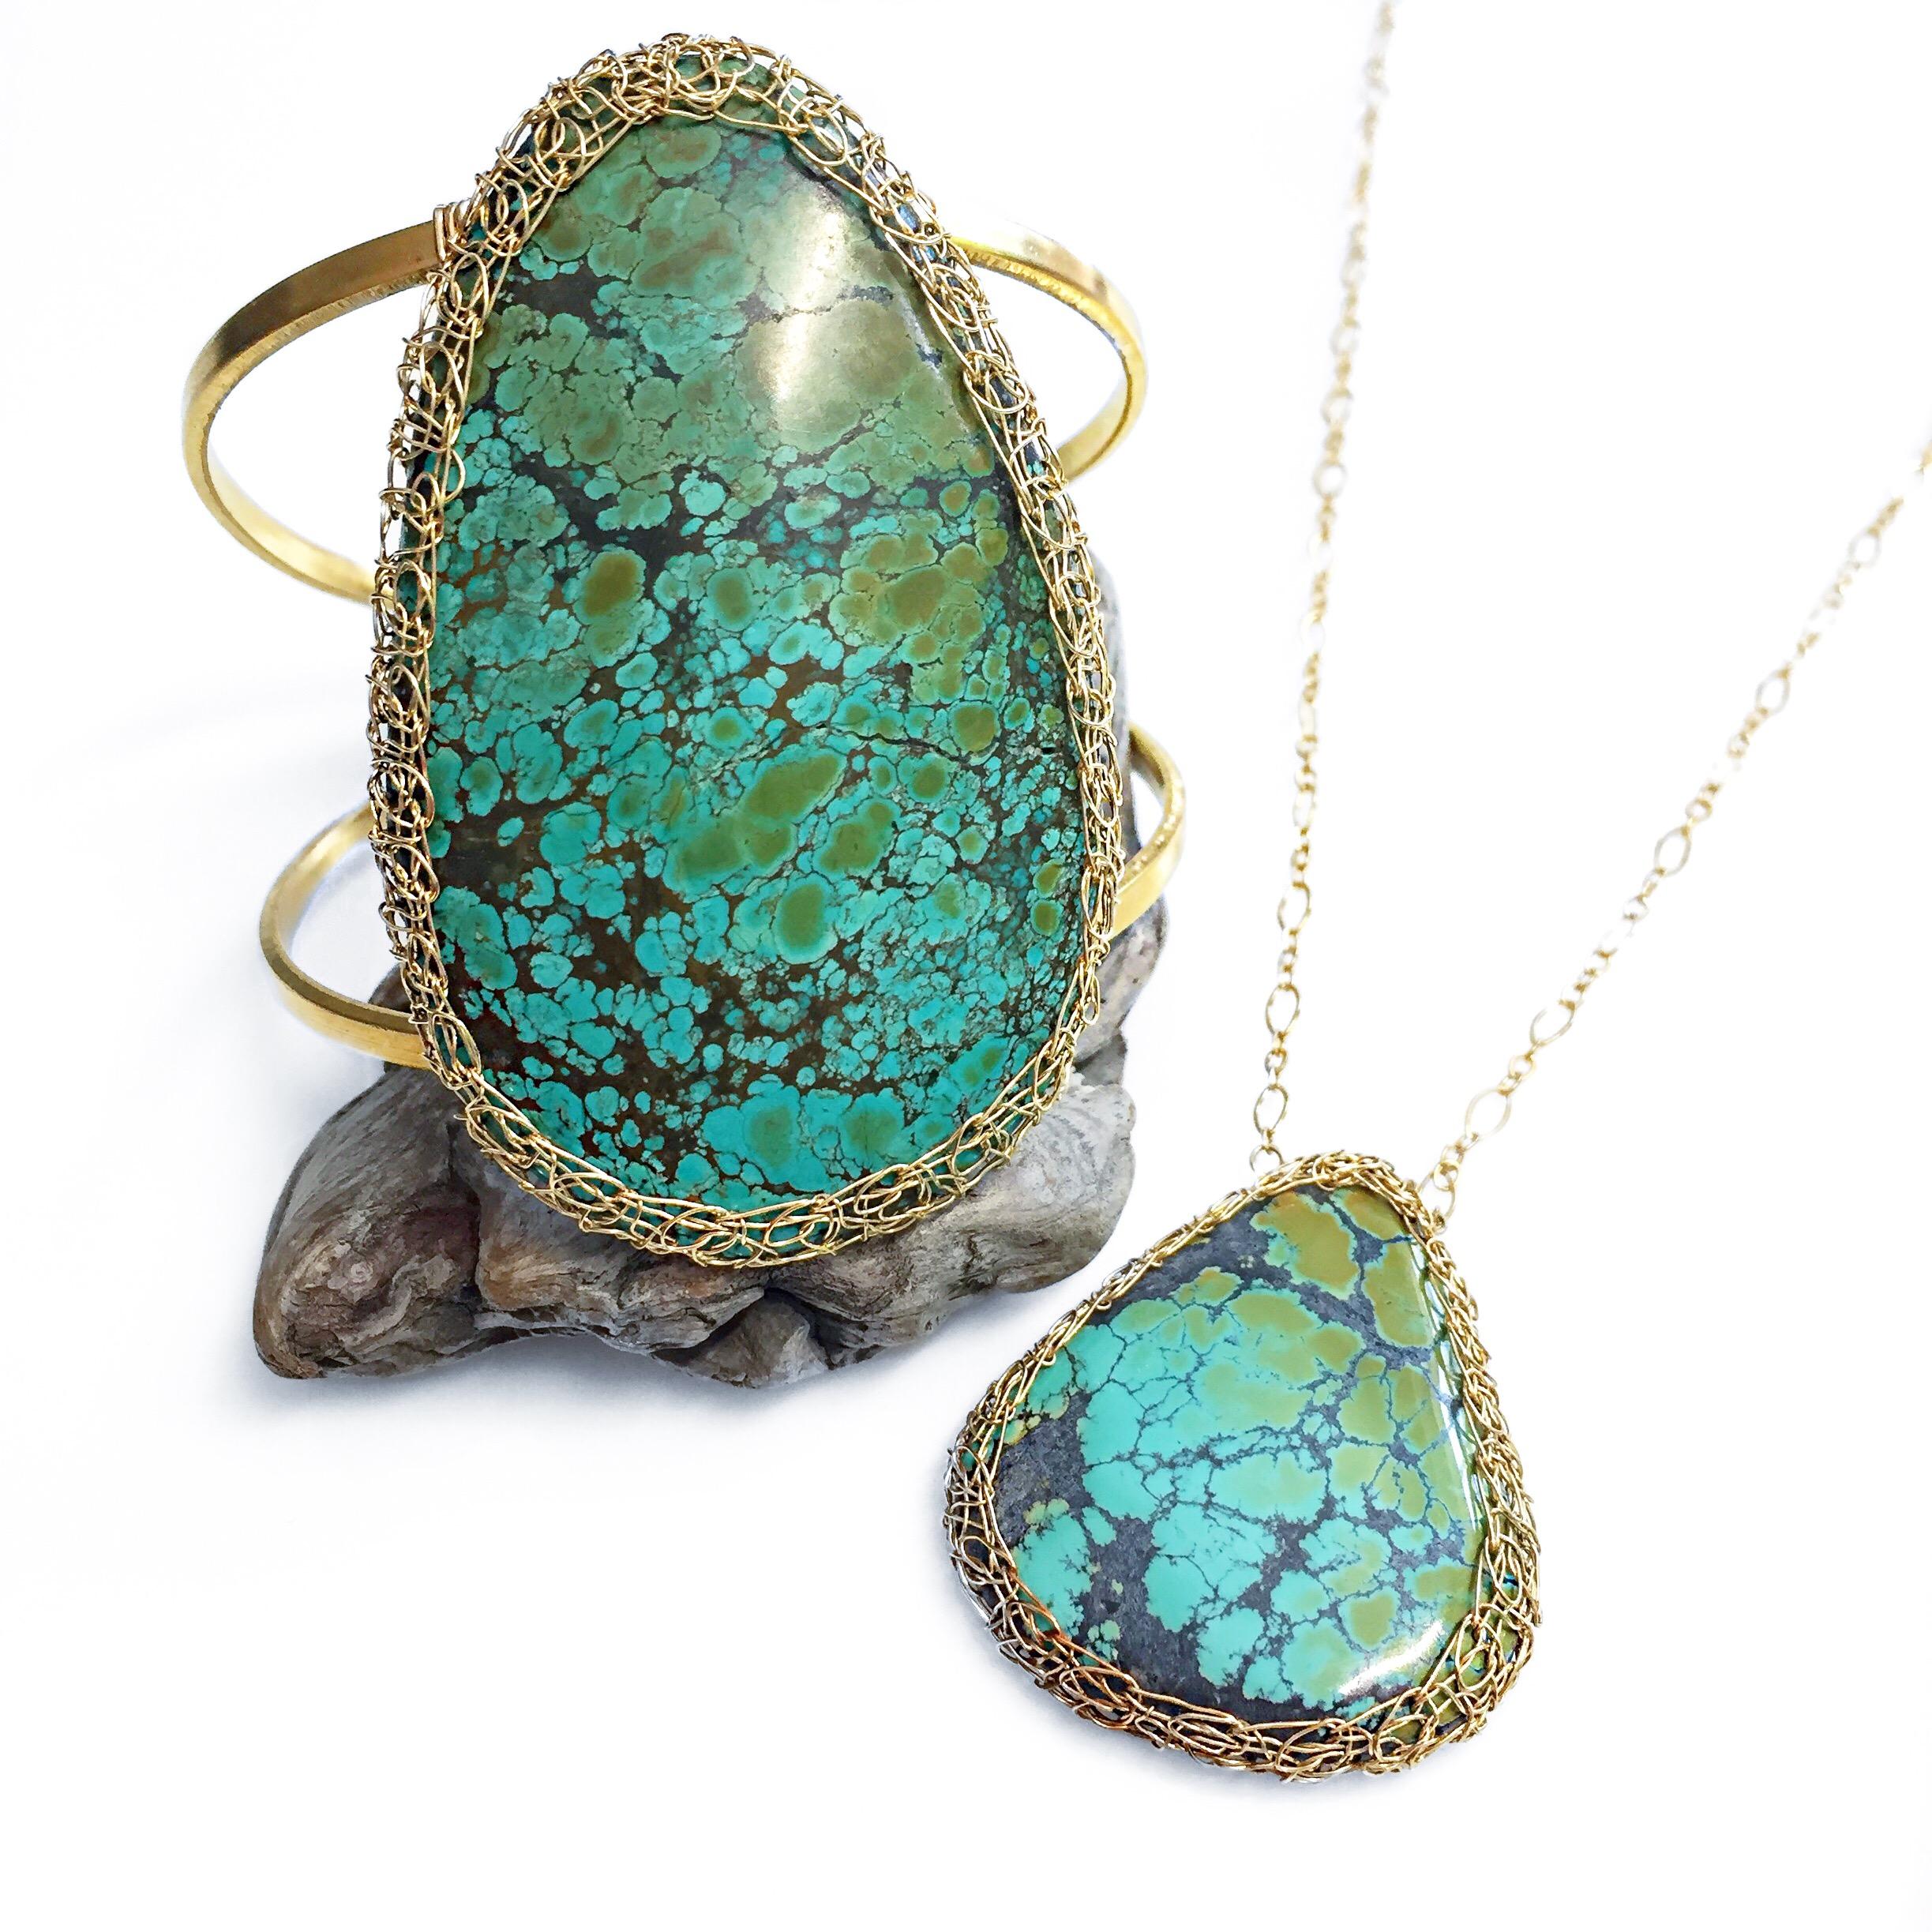 ARIVKA Jewelry